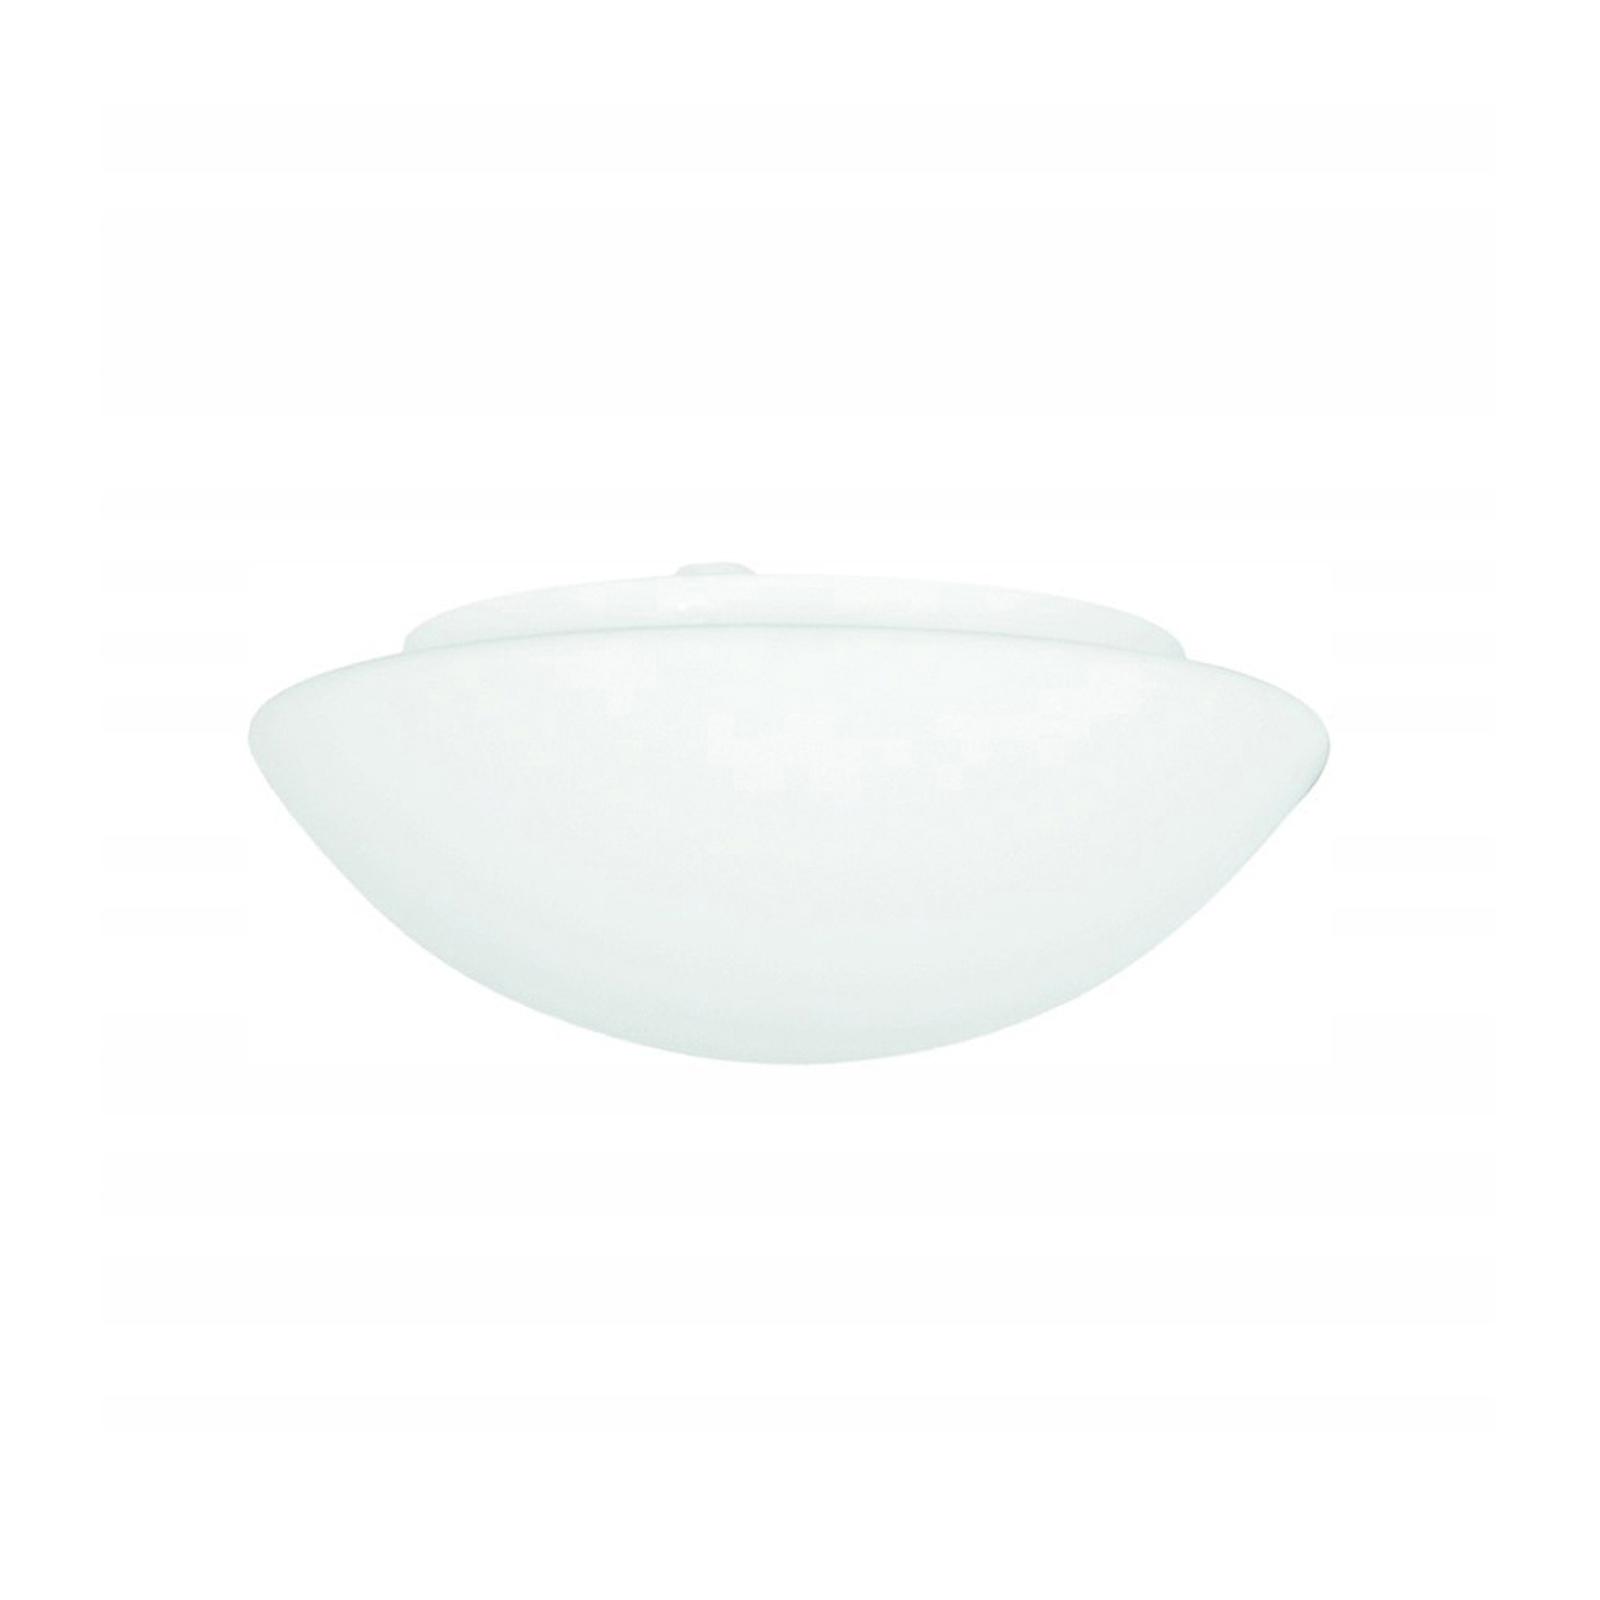 Taklampe til bad Twister, Ø 30 cm, 1 x 60 W